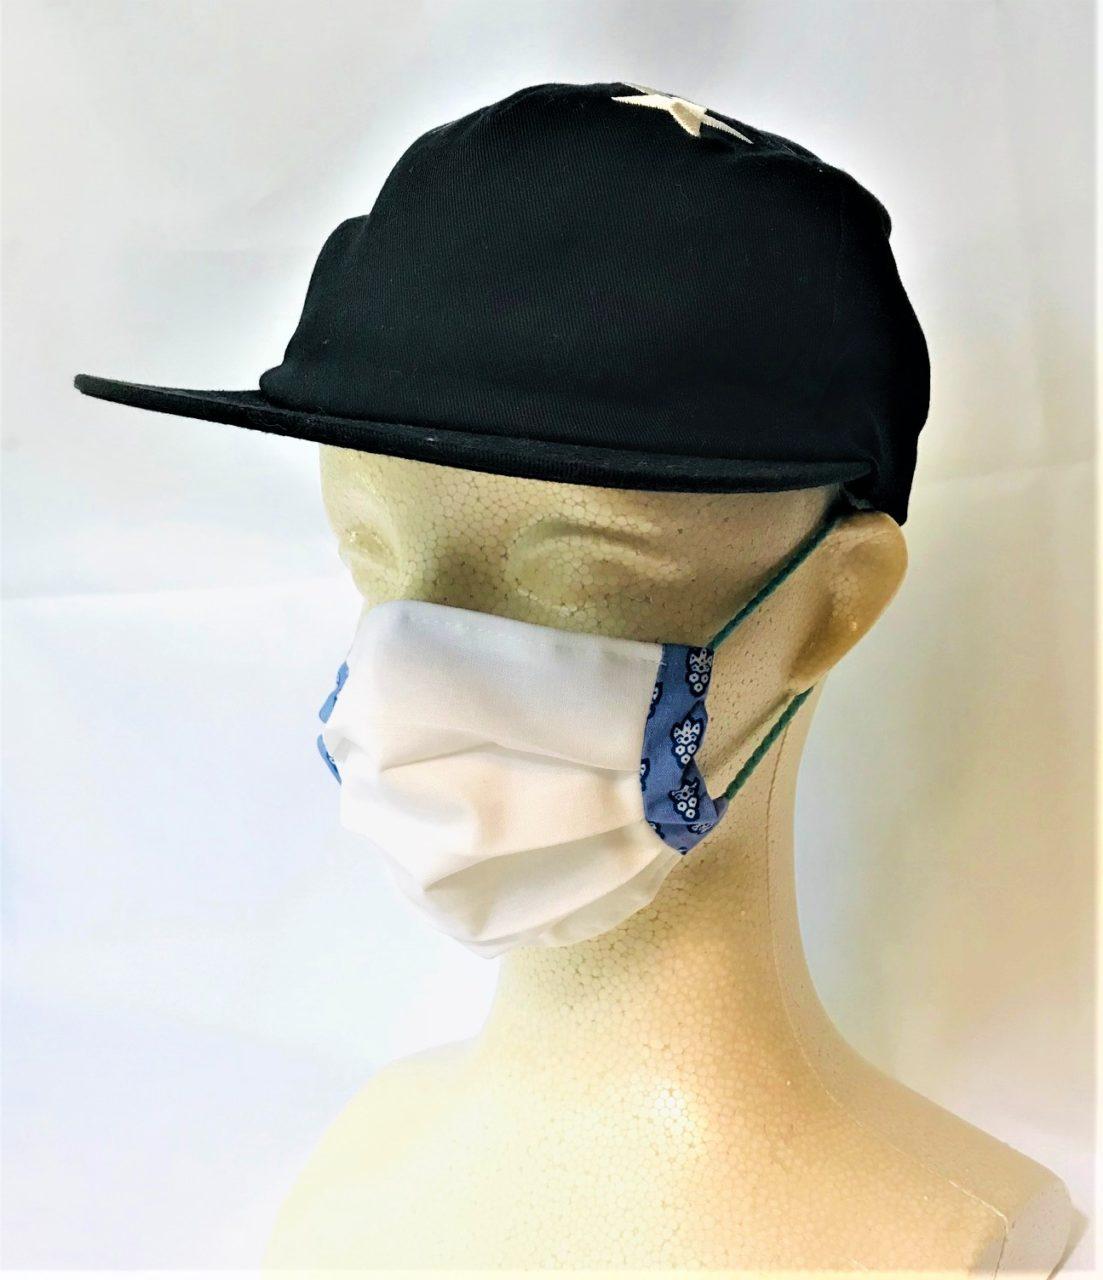 フランス風布マスク Masque à la françaiseの画像